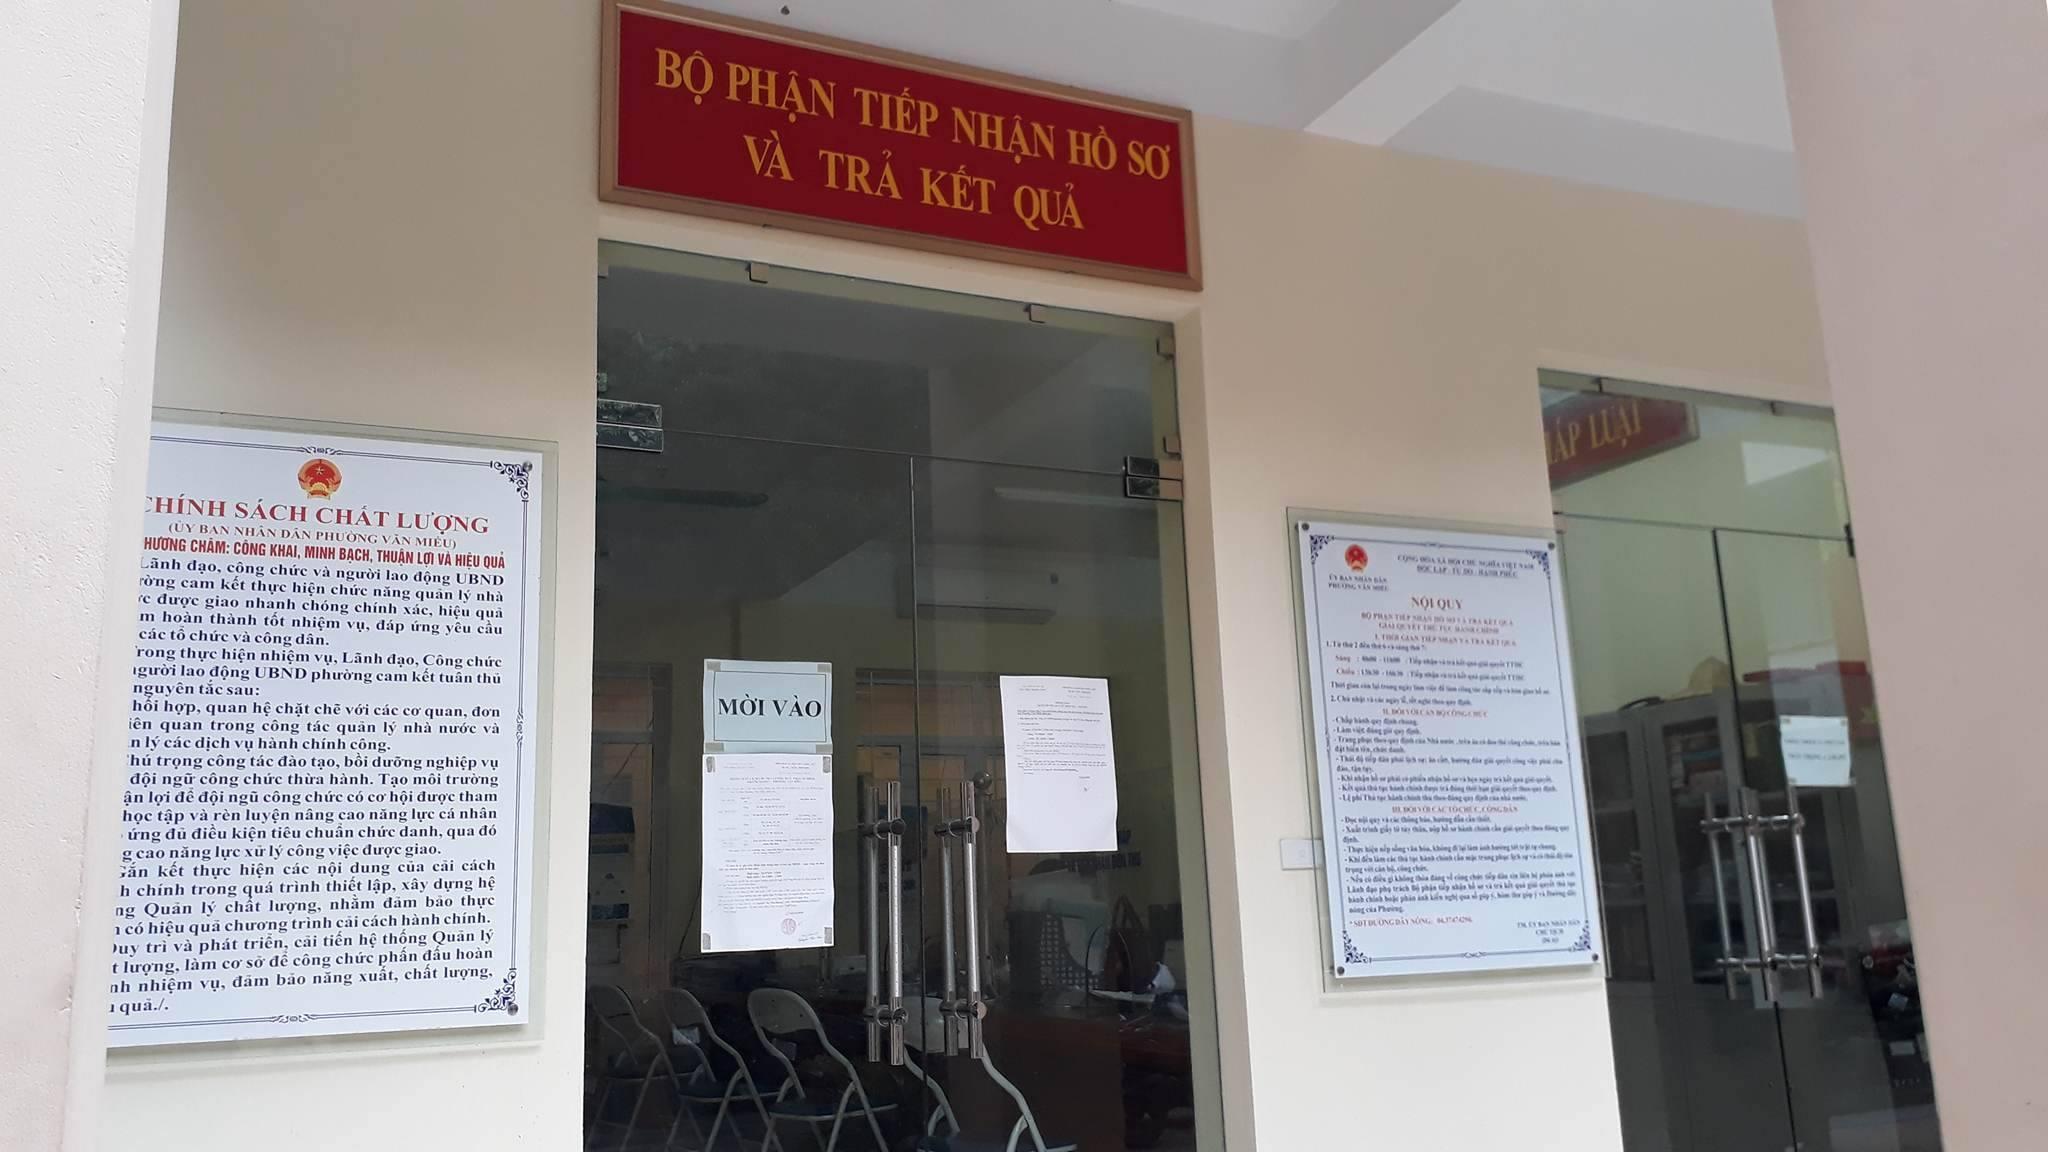 Đi 6 lần xin chứng tử ở phường Văn Miếu: Cần lắp camera